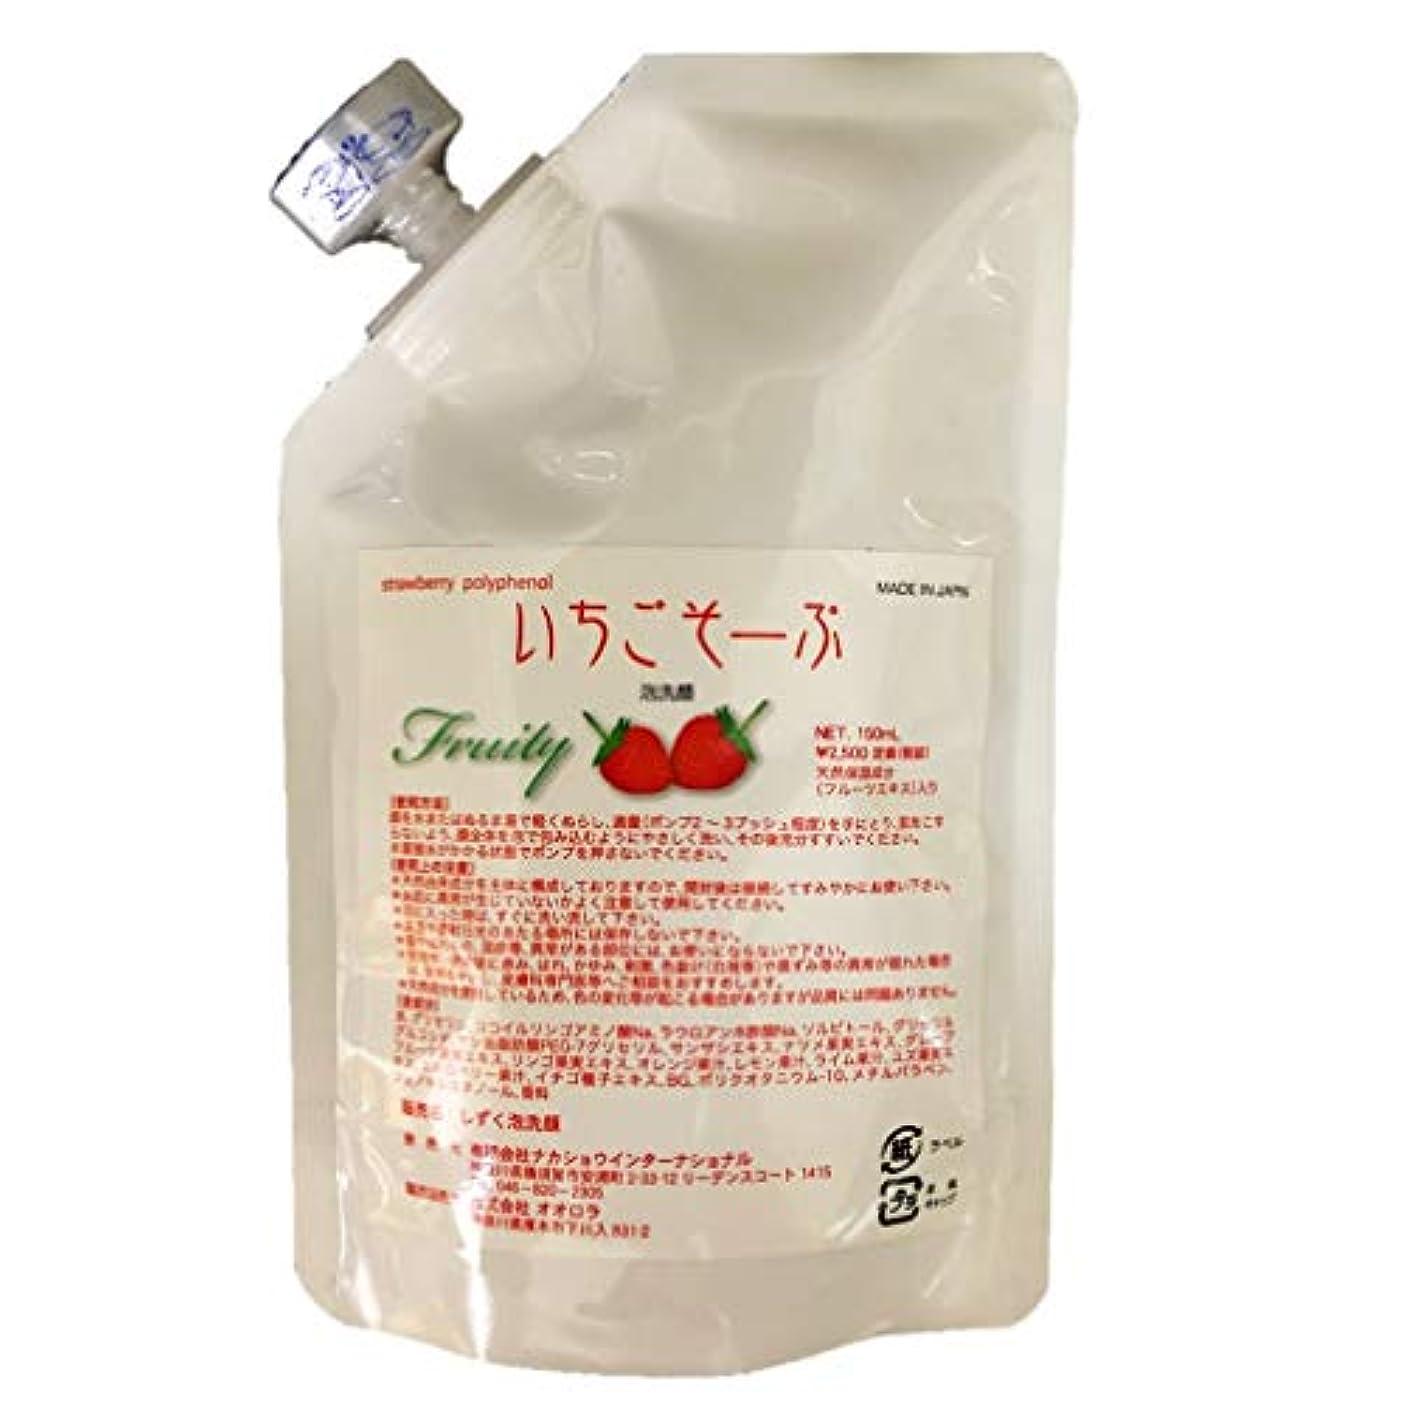 恐れ連鎖アンビエントいちごそーぷ 泡洗顔料 150mL詰替えパウチ 超保湿を優しいフルーツで